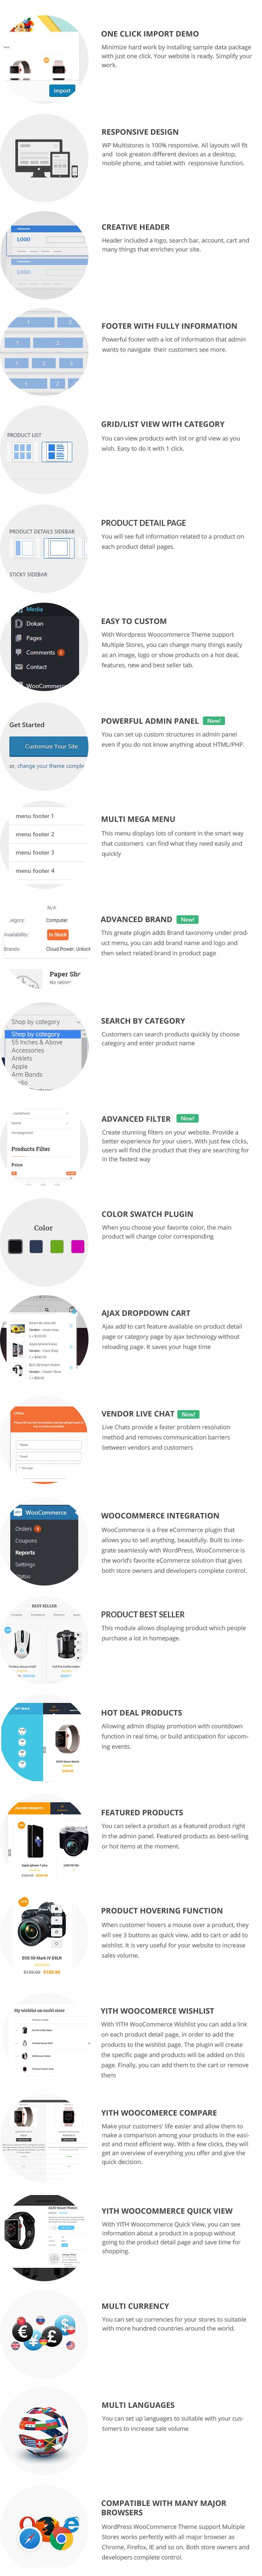 Marketplace WP Theme support Dokan Multi Vendors - 20